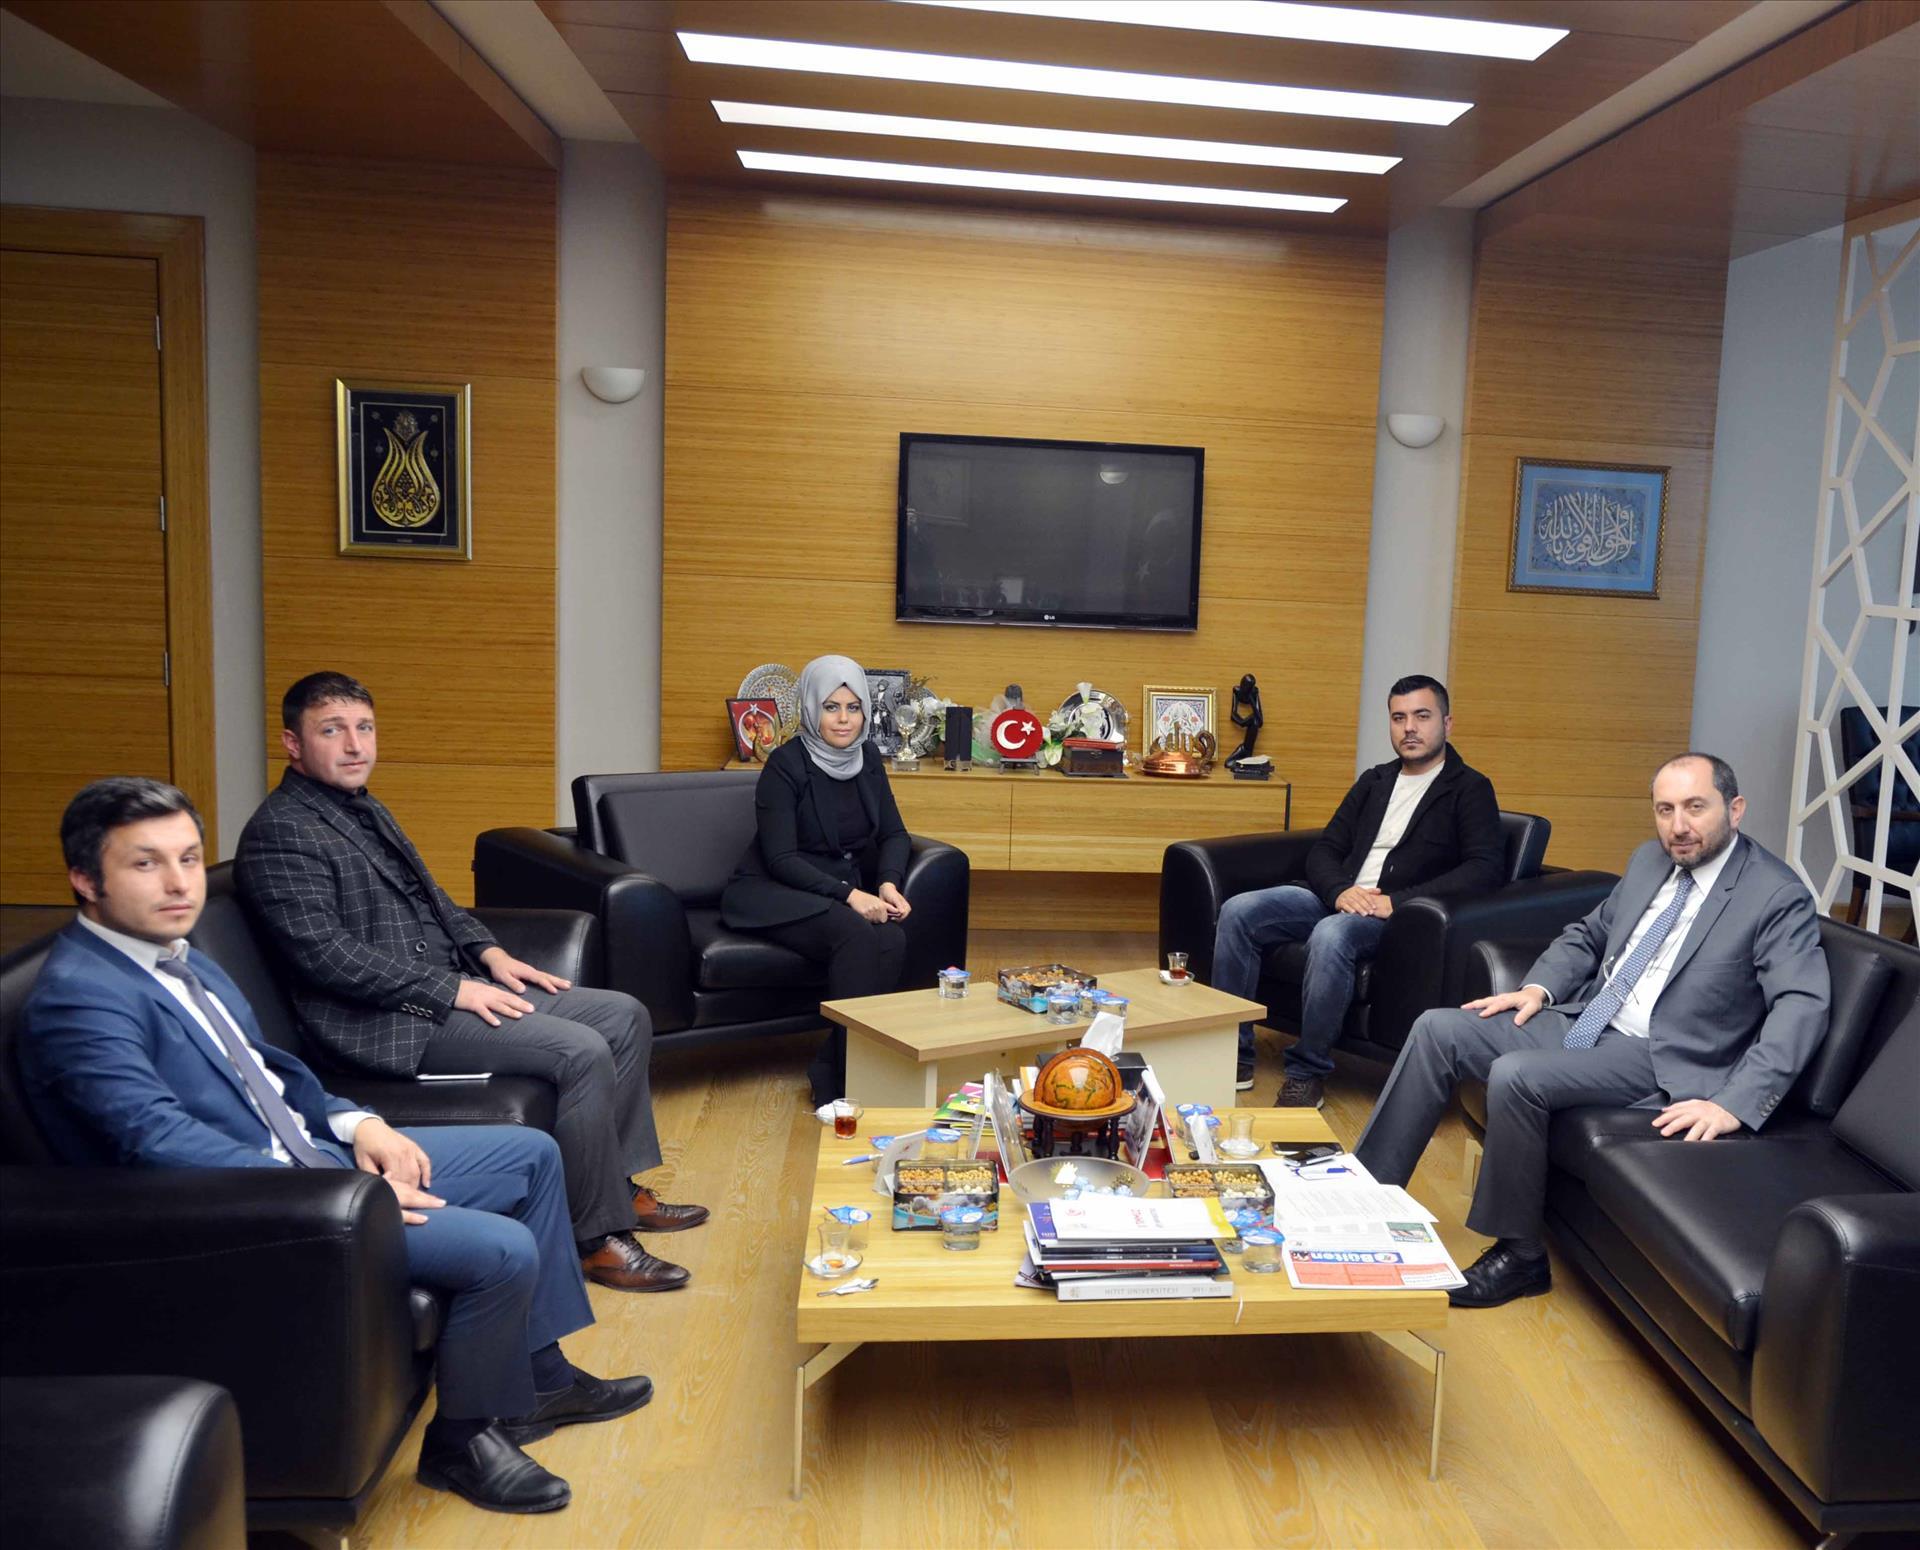 Türkiye Gençlik Vakfı (TÜGVA) Osmancık İlçe Temsilciliği'nden Rektörümüze Ziyaret